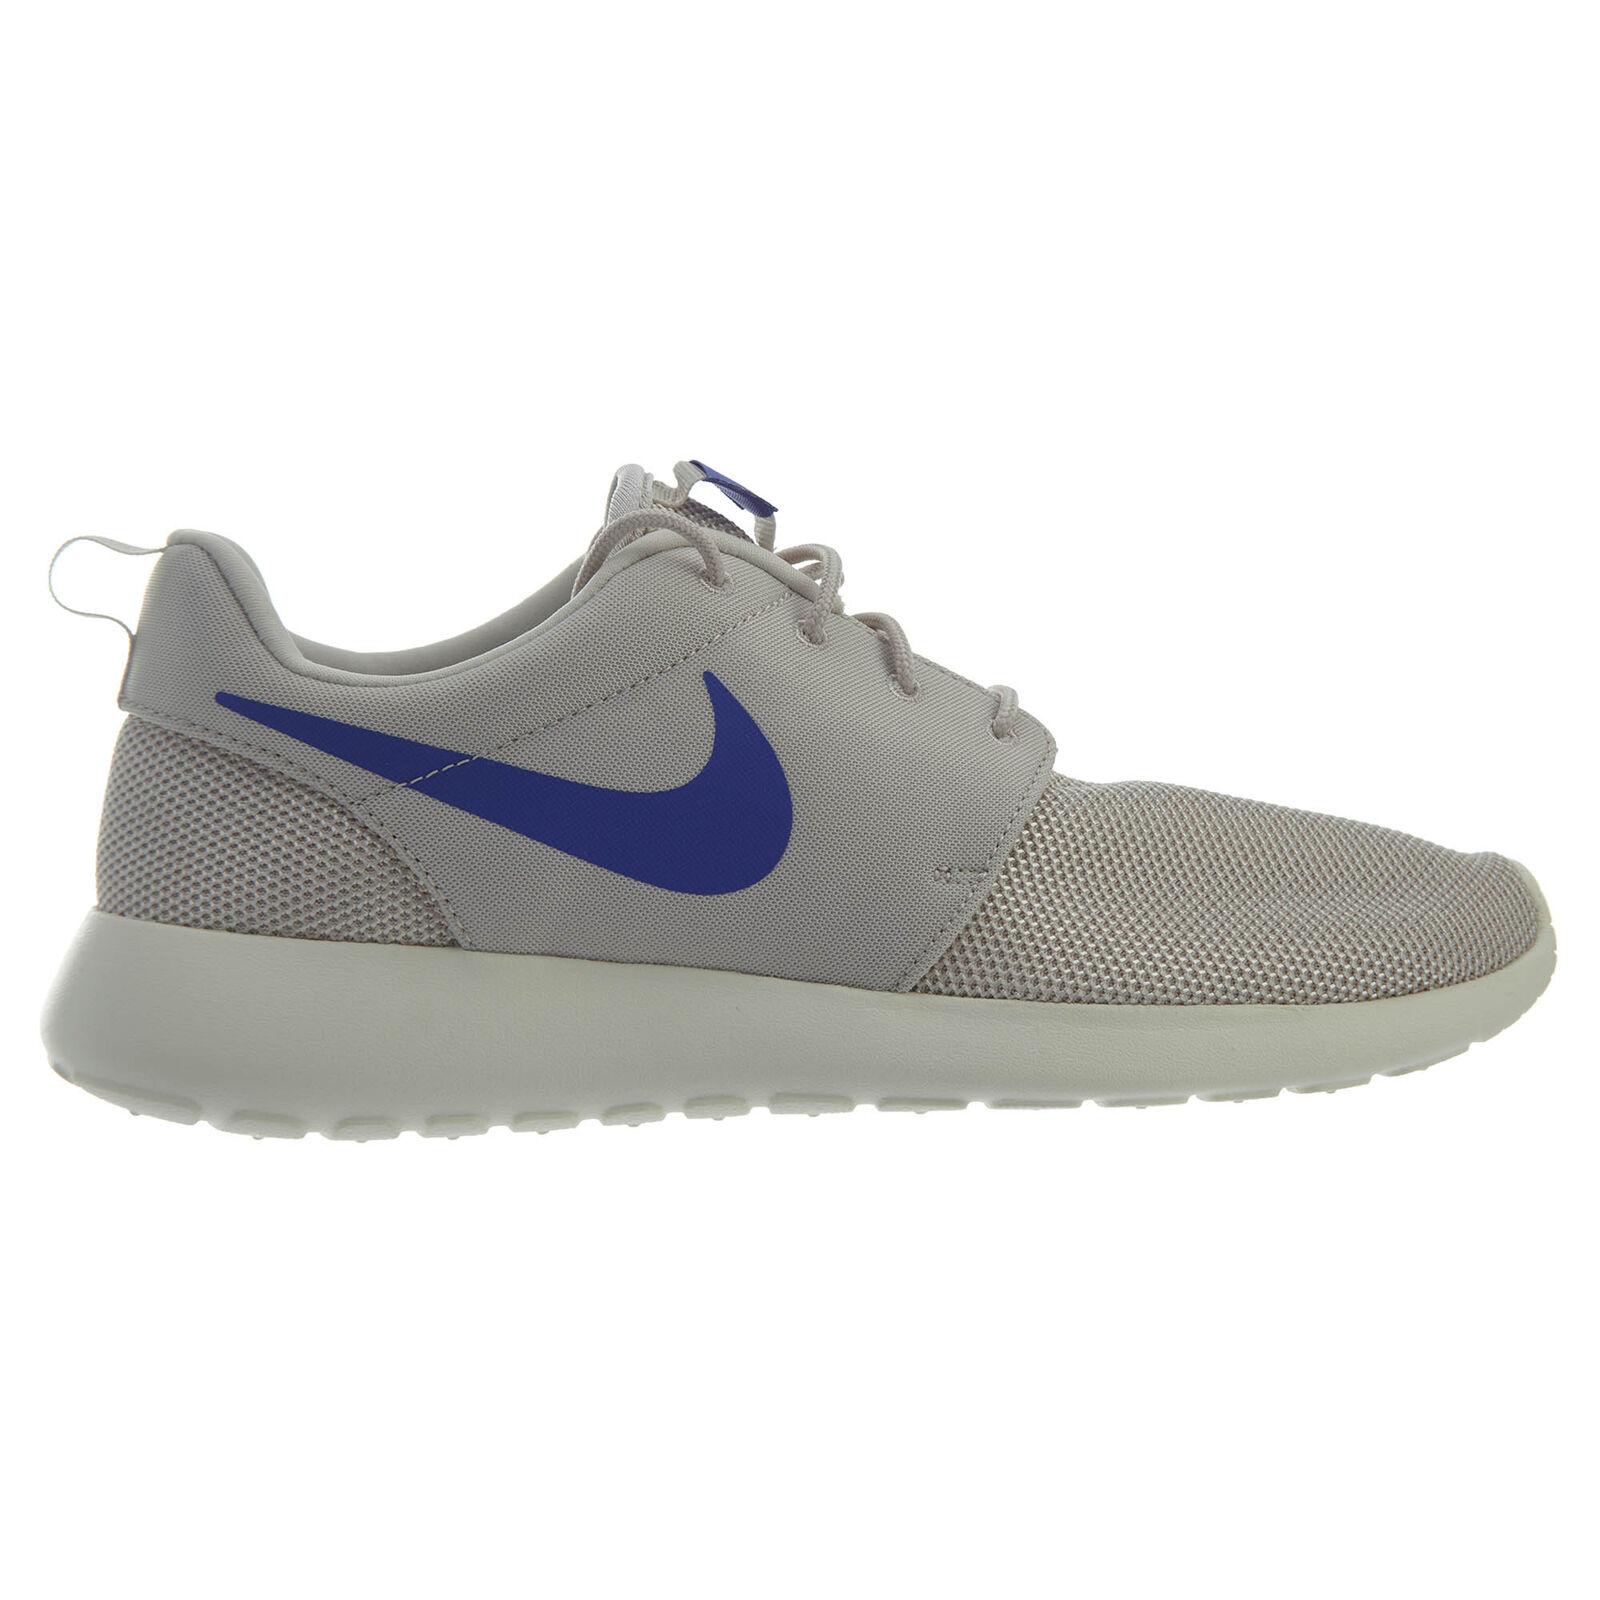 Nike Roshe One Mens 511881-043 Desert Sand Persian purple Running shoes Size 8